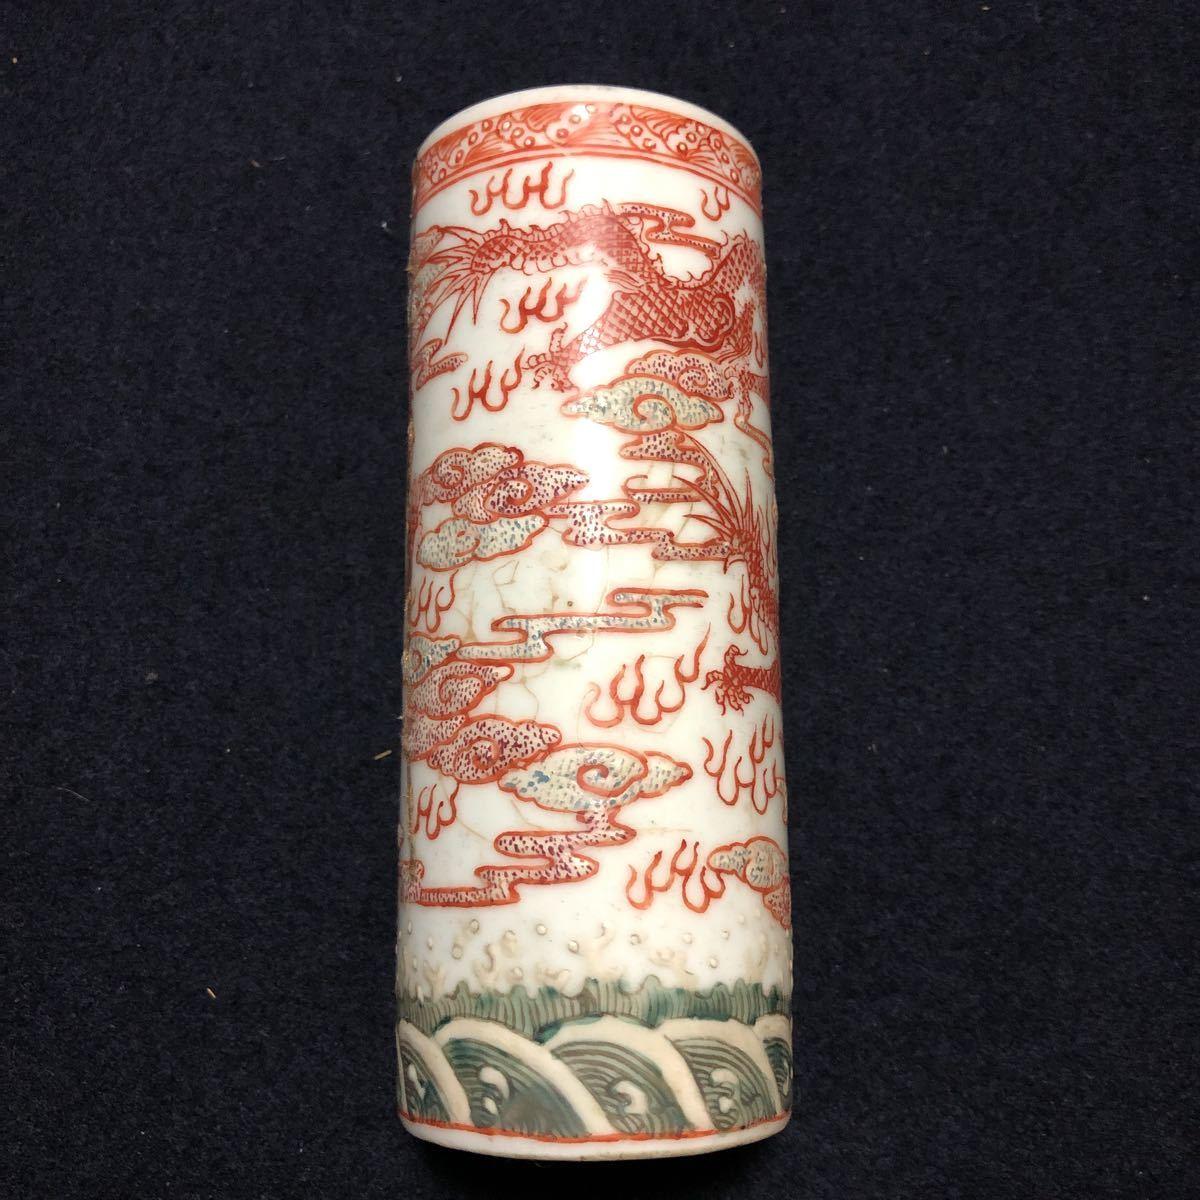 中国 古美術 古玩 在銘 慎德堂製 粉彩筆筒 龍紋 書道具 筆入れ(ゆうパック着払い)_画像2